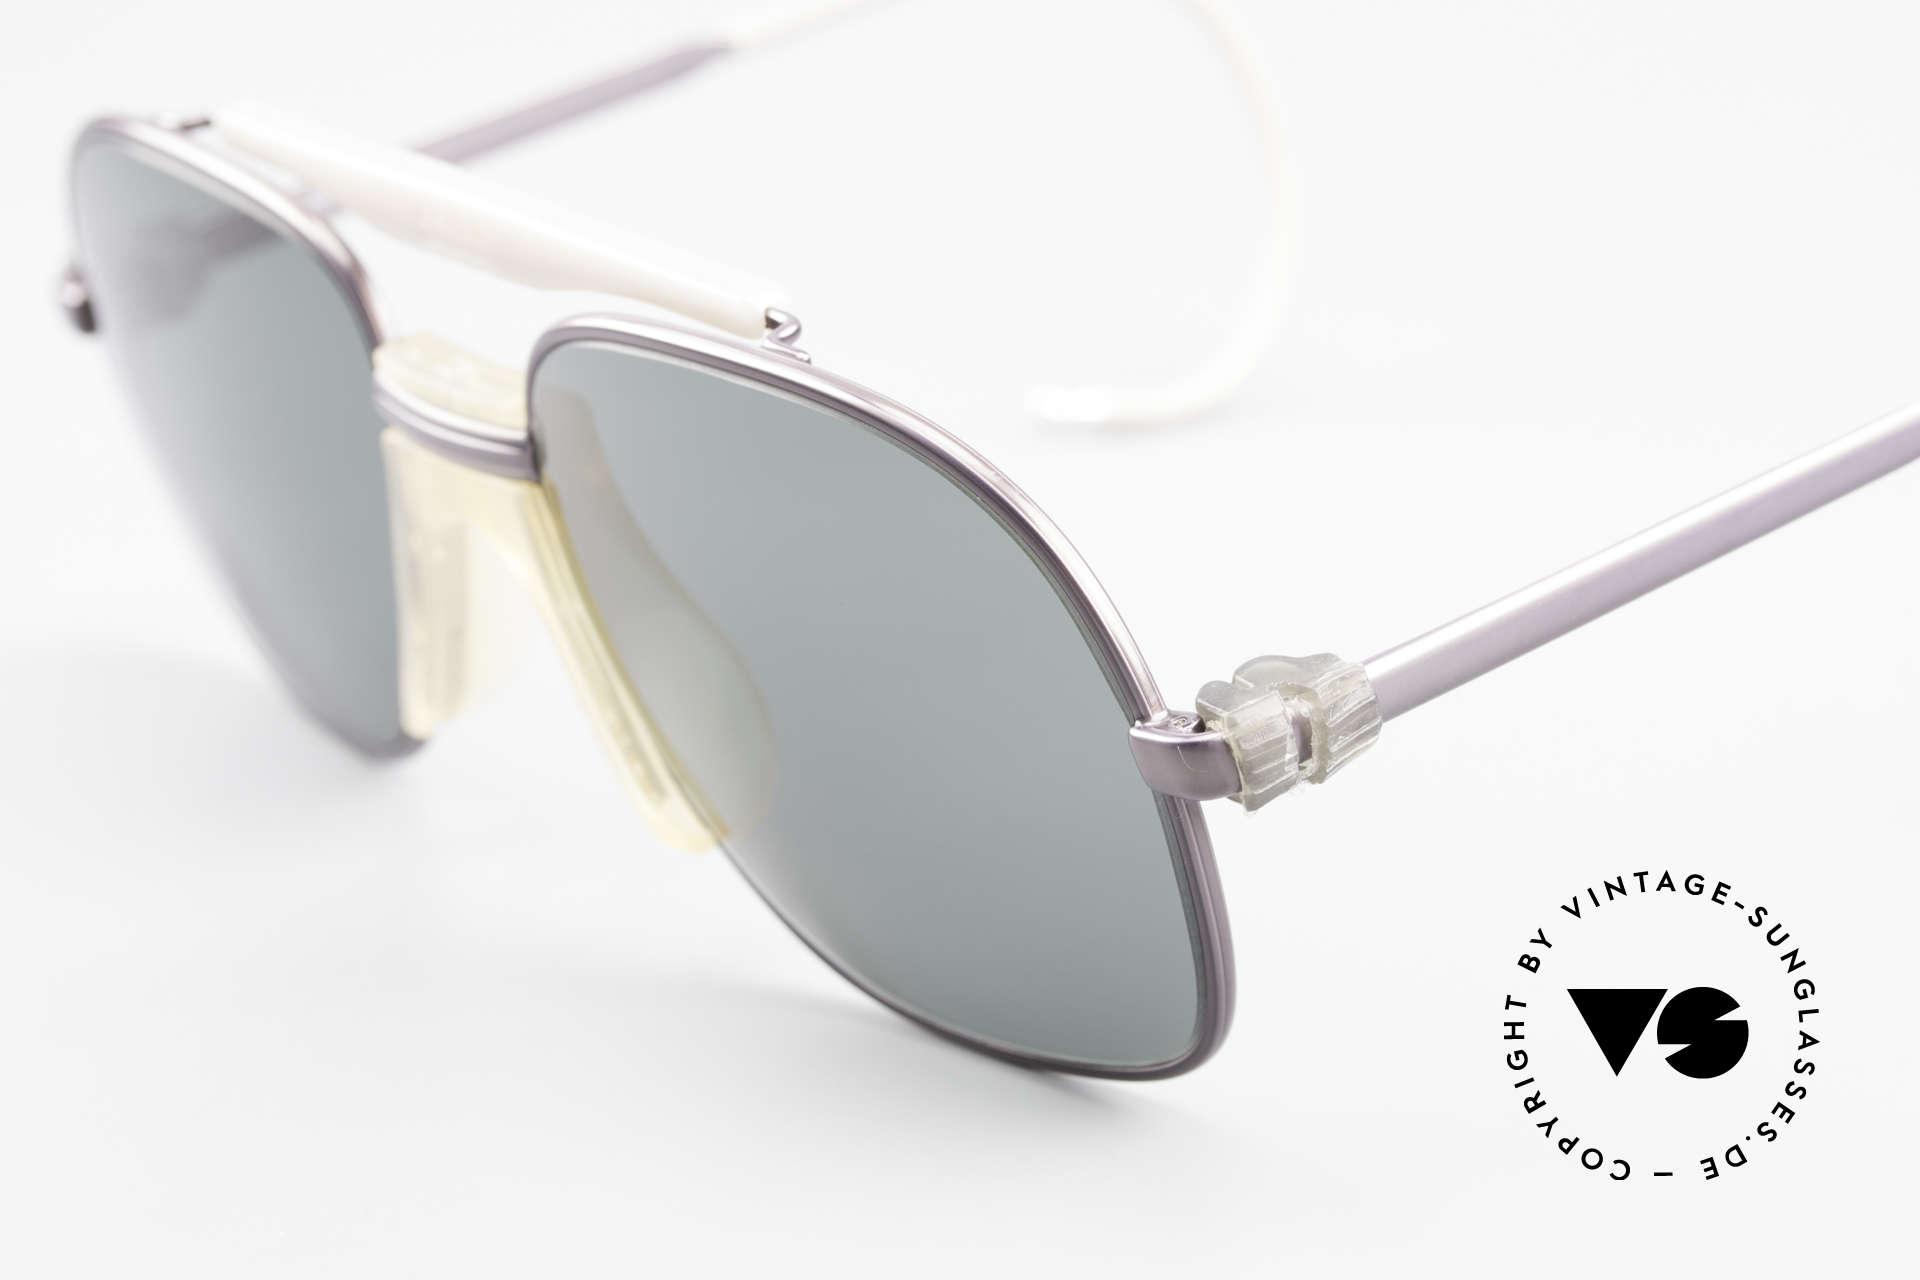 Zeiss 7037 Sportsonnenbrille Old School, ungetragen (wie alle unsere WEST GERMANY Brillen), Passend für Herren und Damen